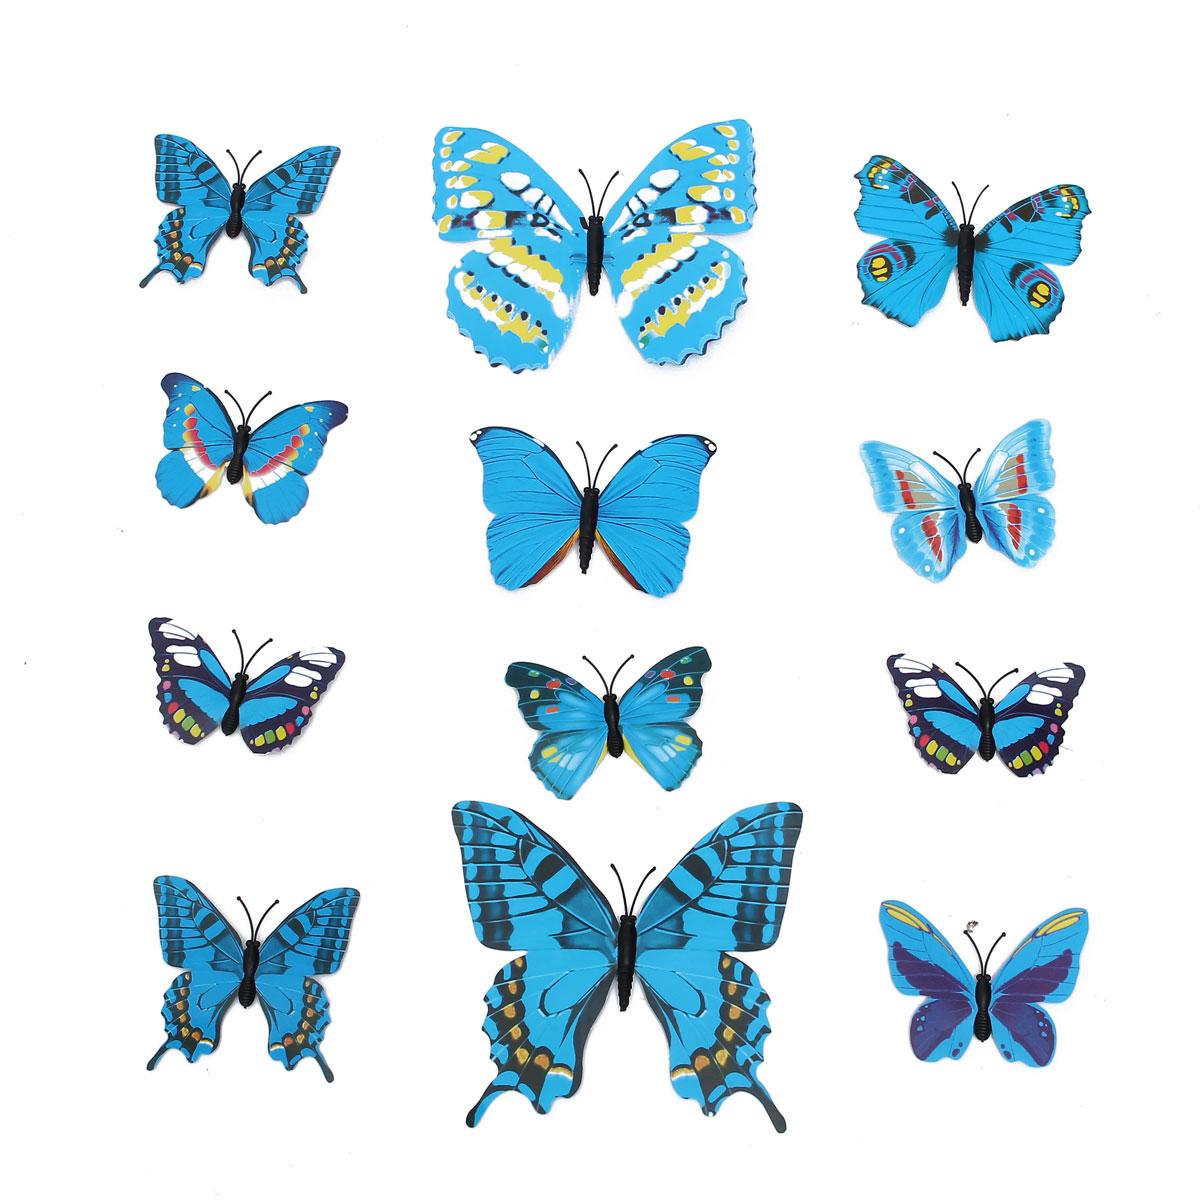 12pcs 3ras etiquetas adhesivas etiquetas de la pared de la mariposa azules decoración de la fiesta de bodas de casa